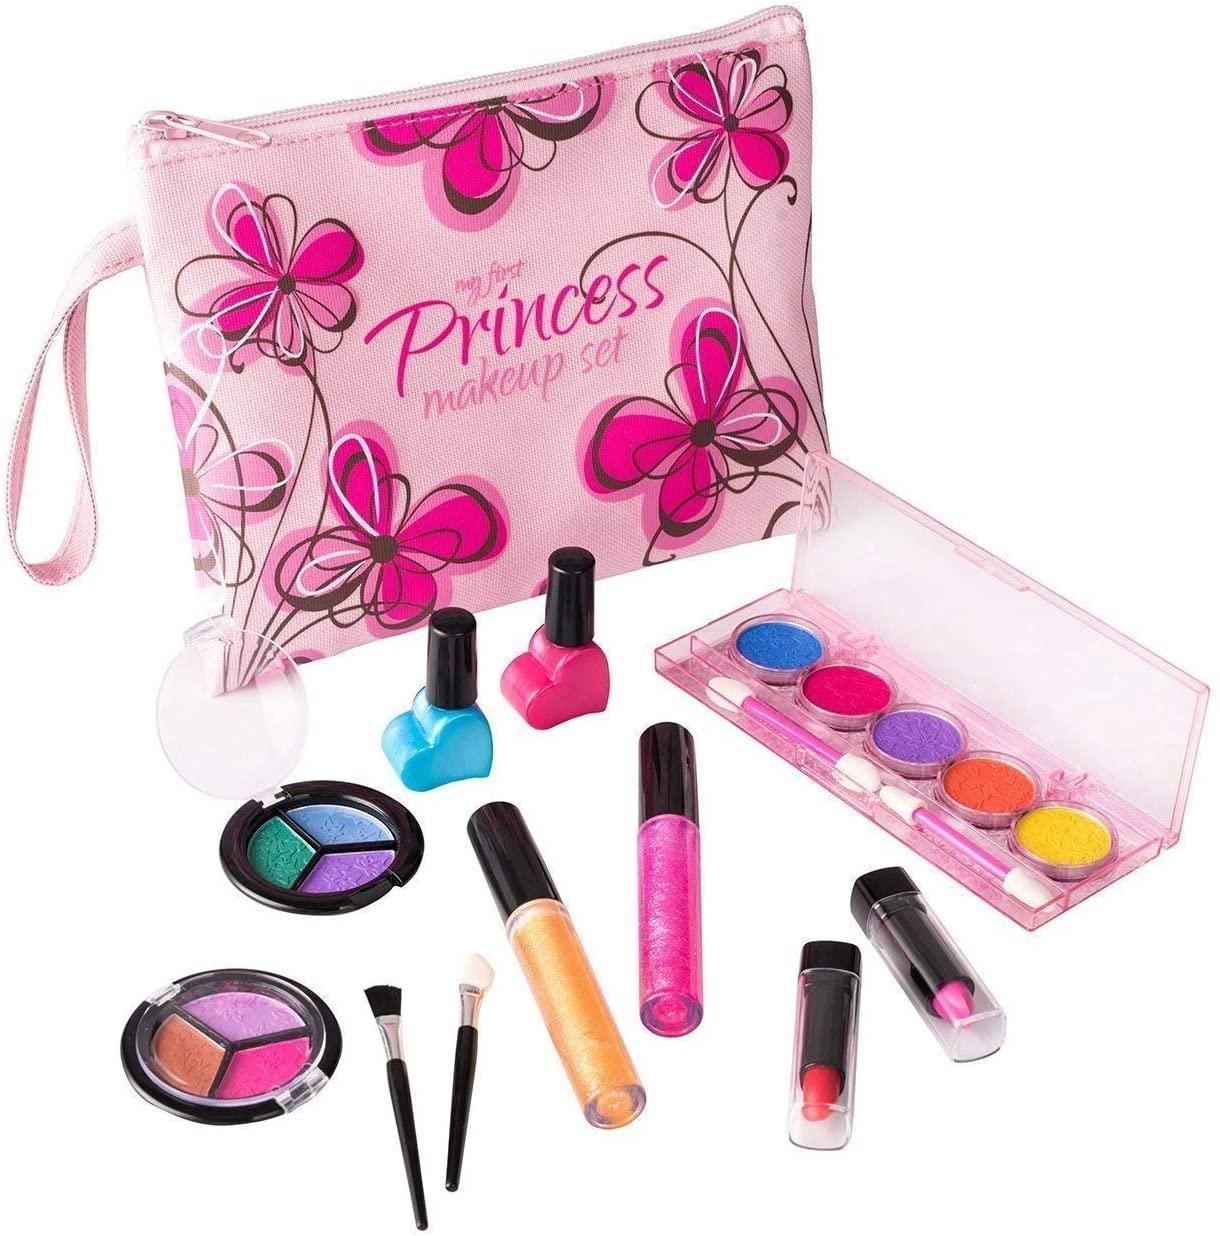 Playkidz- My First Princess Set Trucco Realistico (Lavabile) con Borsa cosmetica Floreale di Design, Colore Pink, PK3032